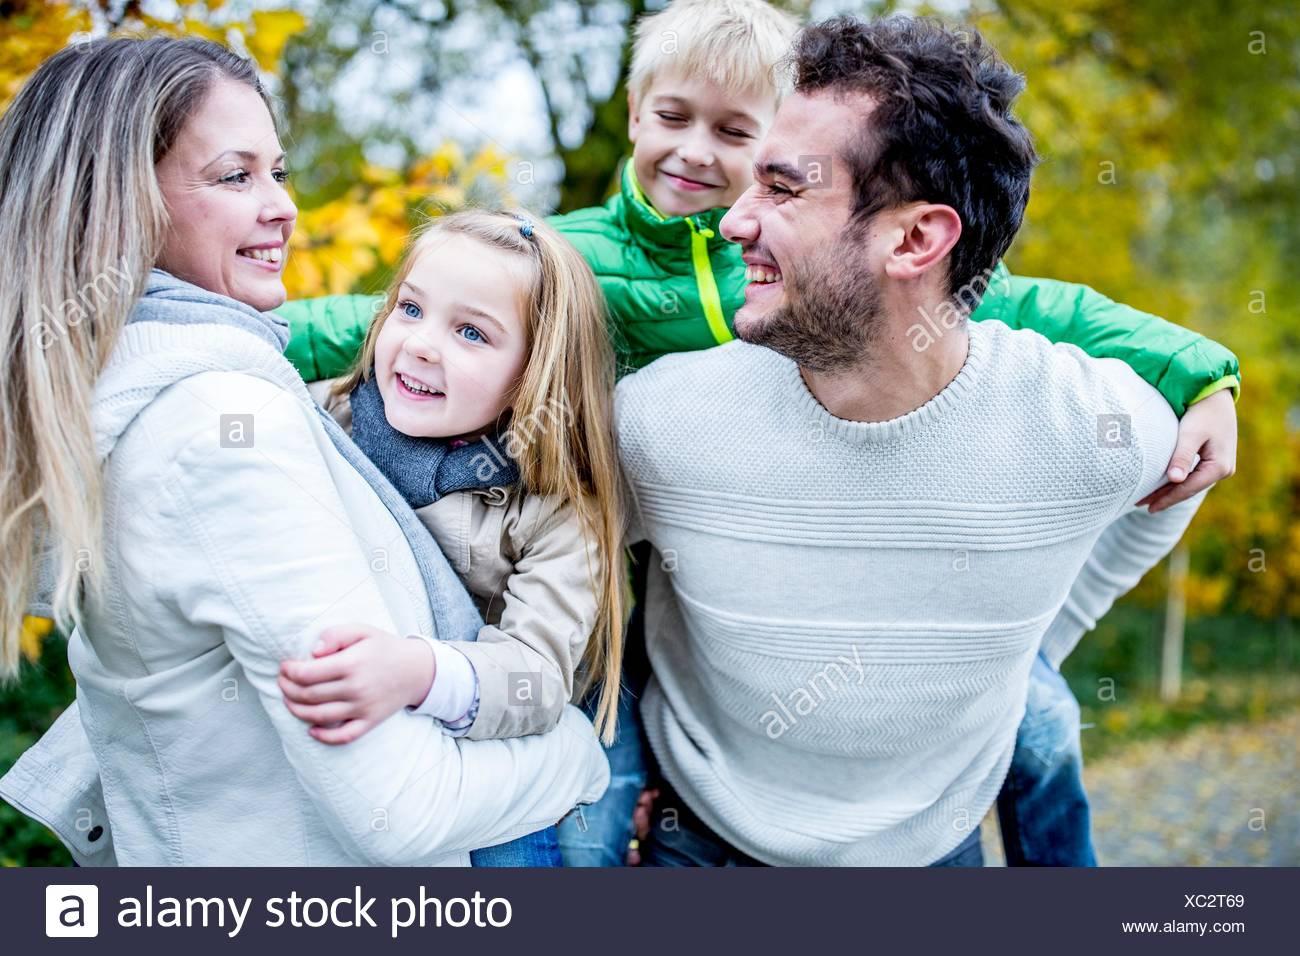 -MODELL VERÖFFENTLICHT. Eltern tragen ihre Kinder im Herbst, lachen. Stockbild